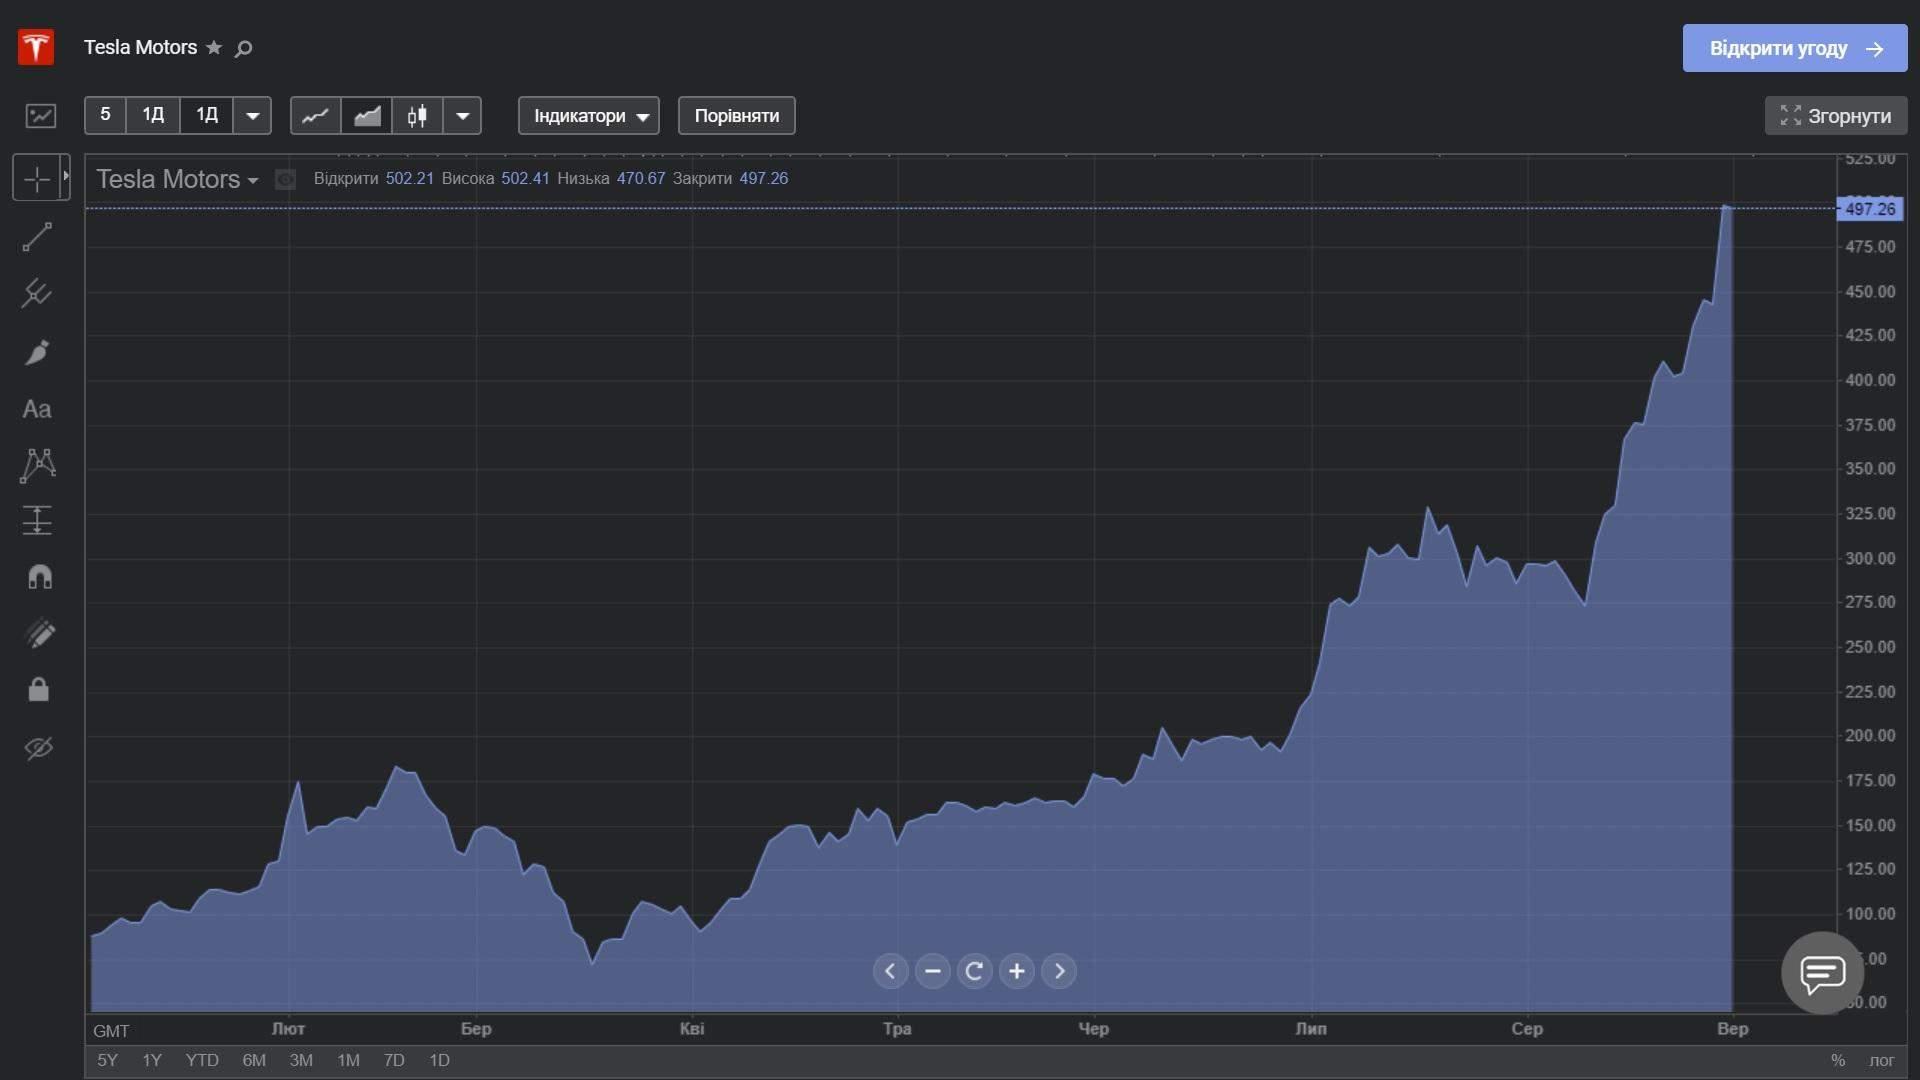 Акции Tesla с начала года выросли почти в 6 раз